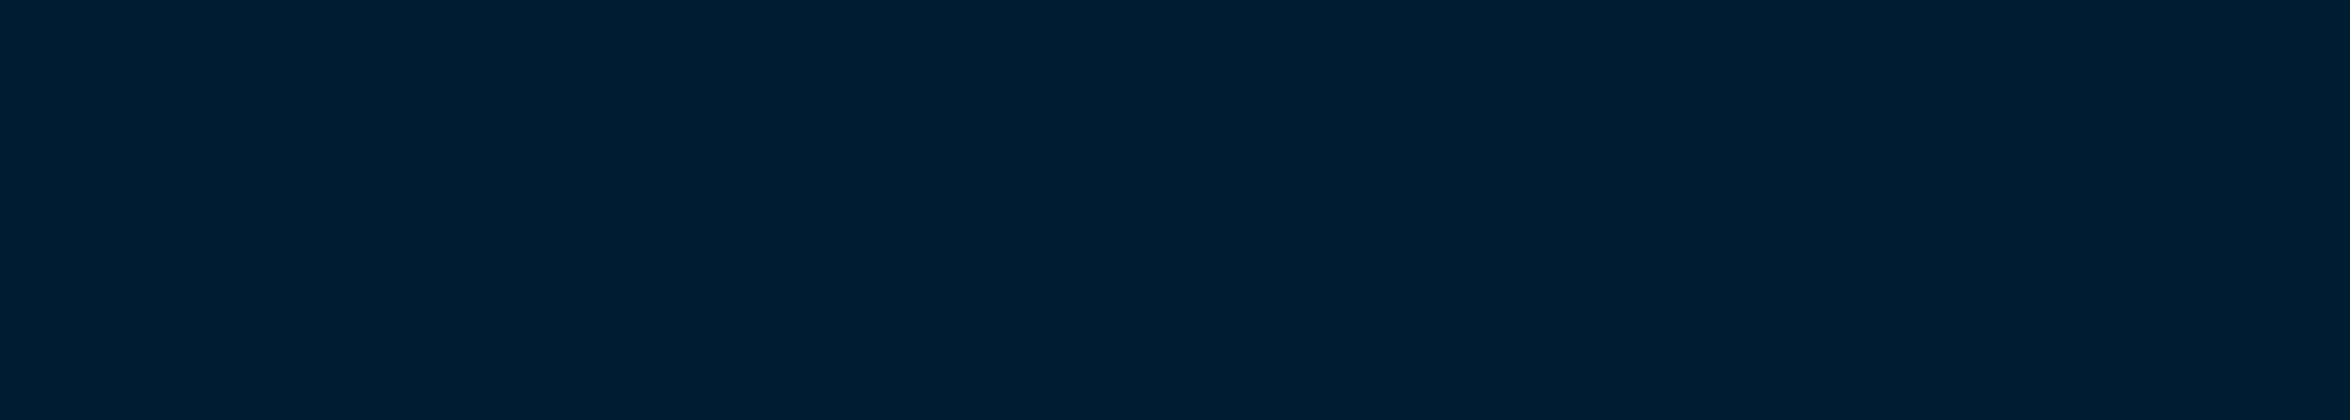 https://www.proper-t.ltd/wp-content/uploads/2019/05/blue_gradient.png